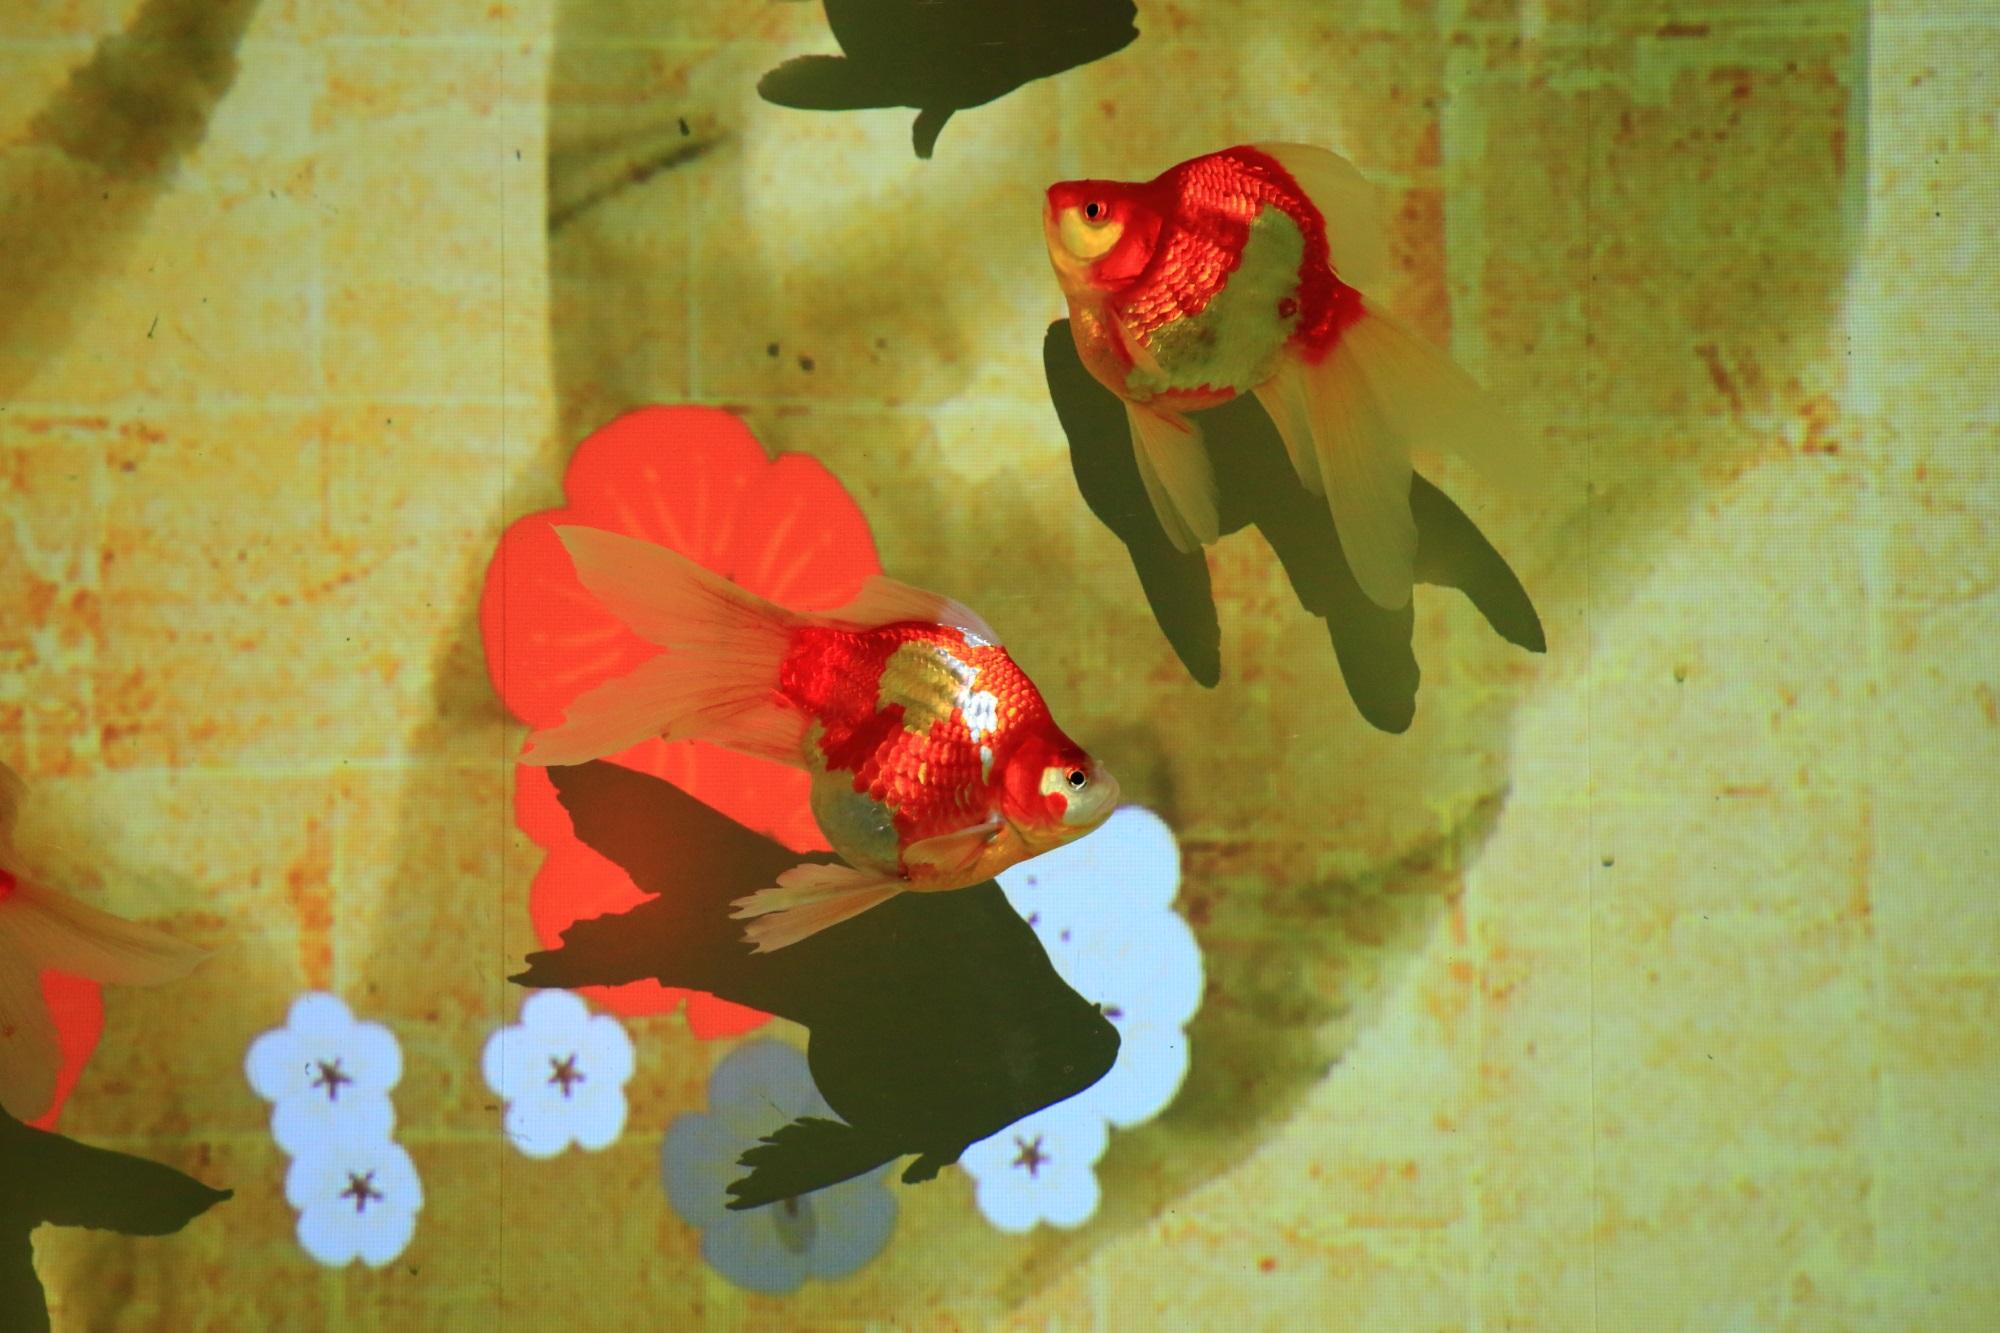 アートアクアリウム城のリンパリウムの金魚